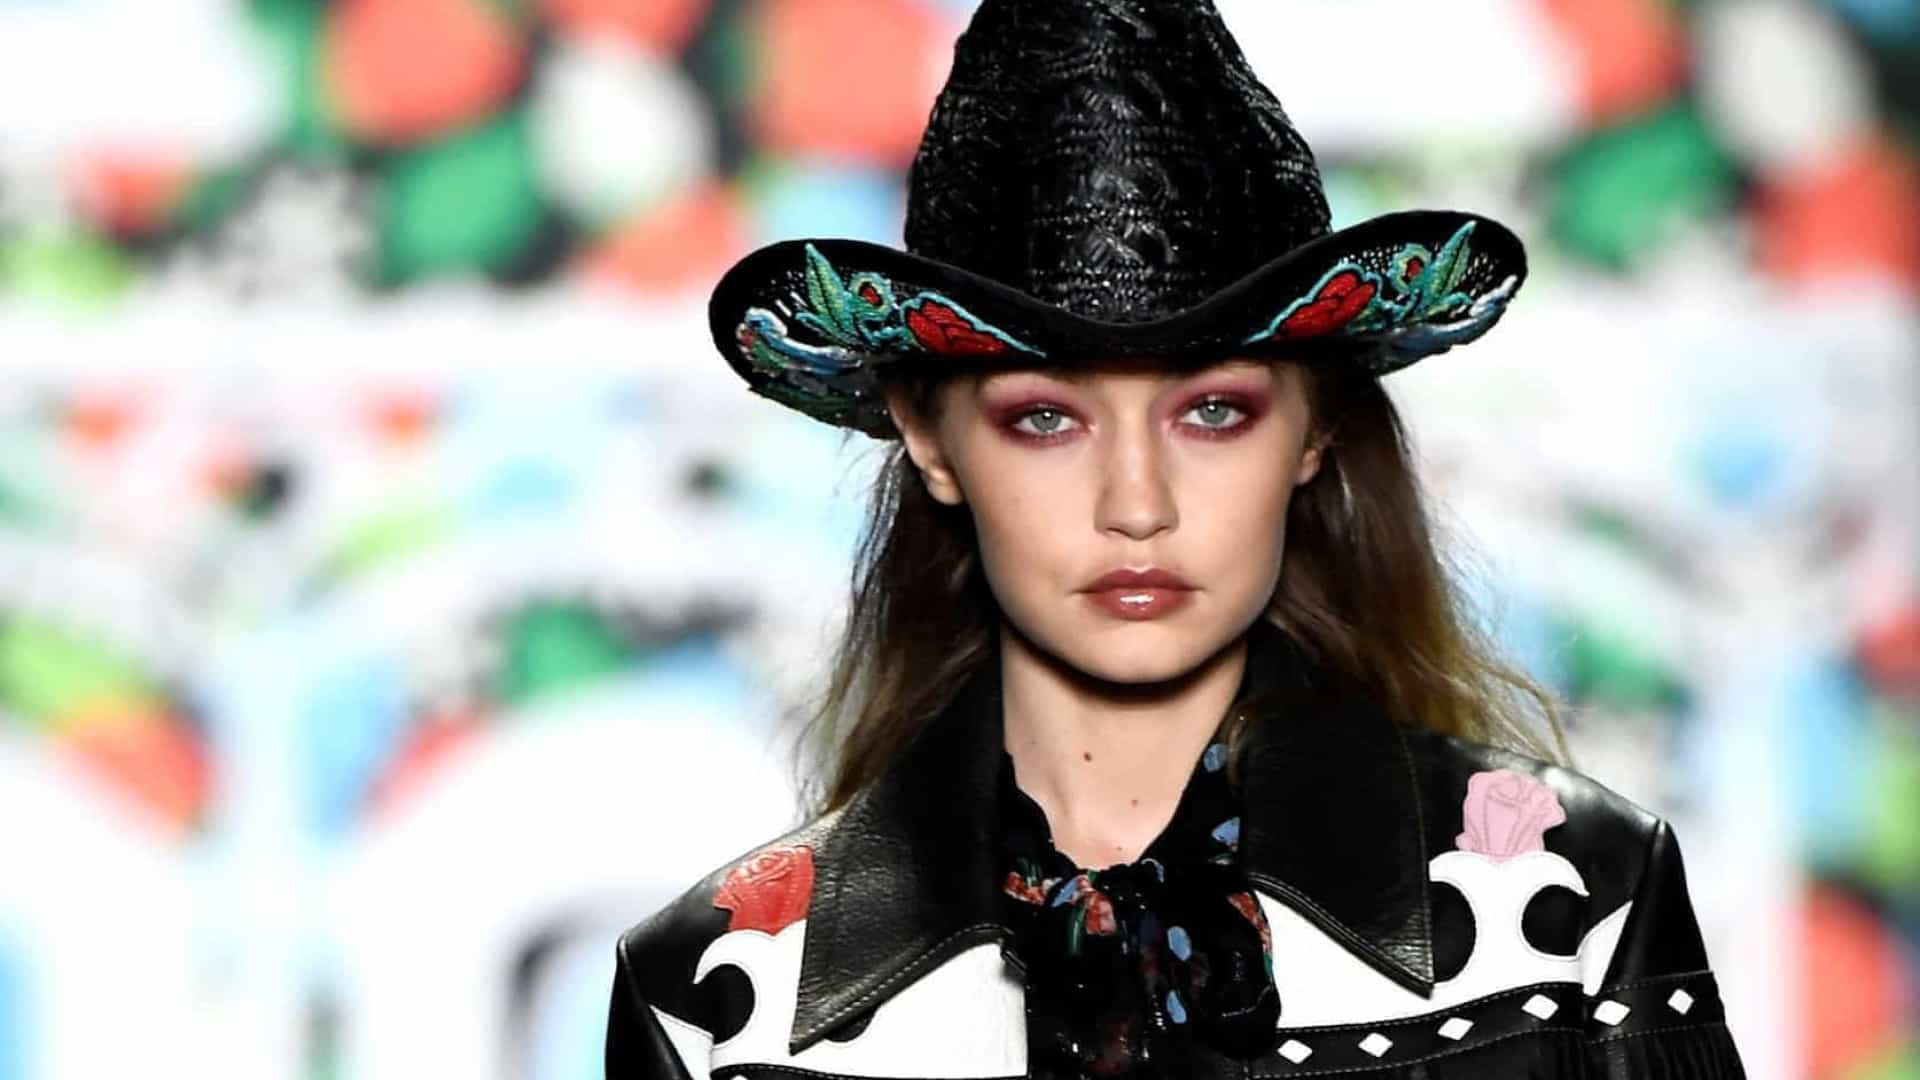 Country fashion: o estilo cowboy está voltando com tudo